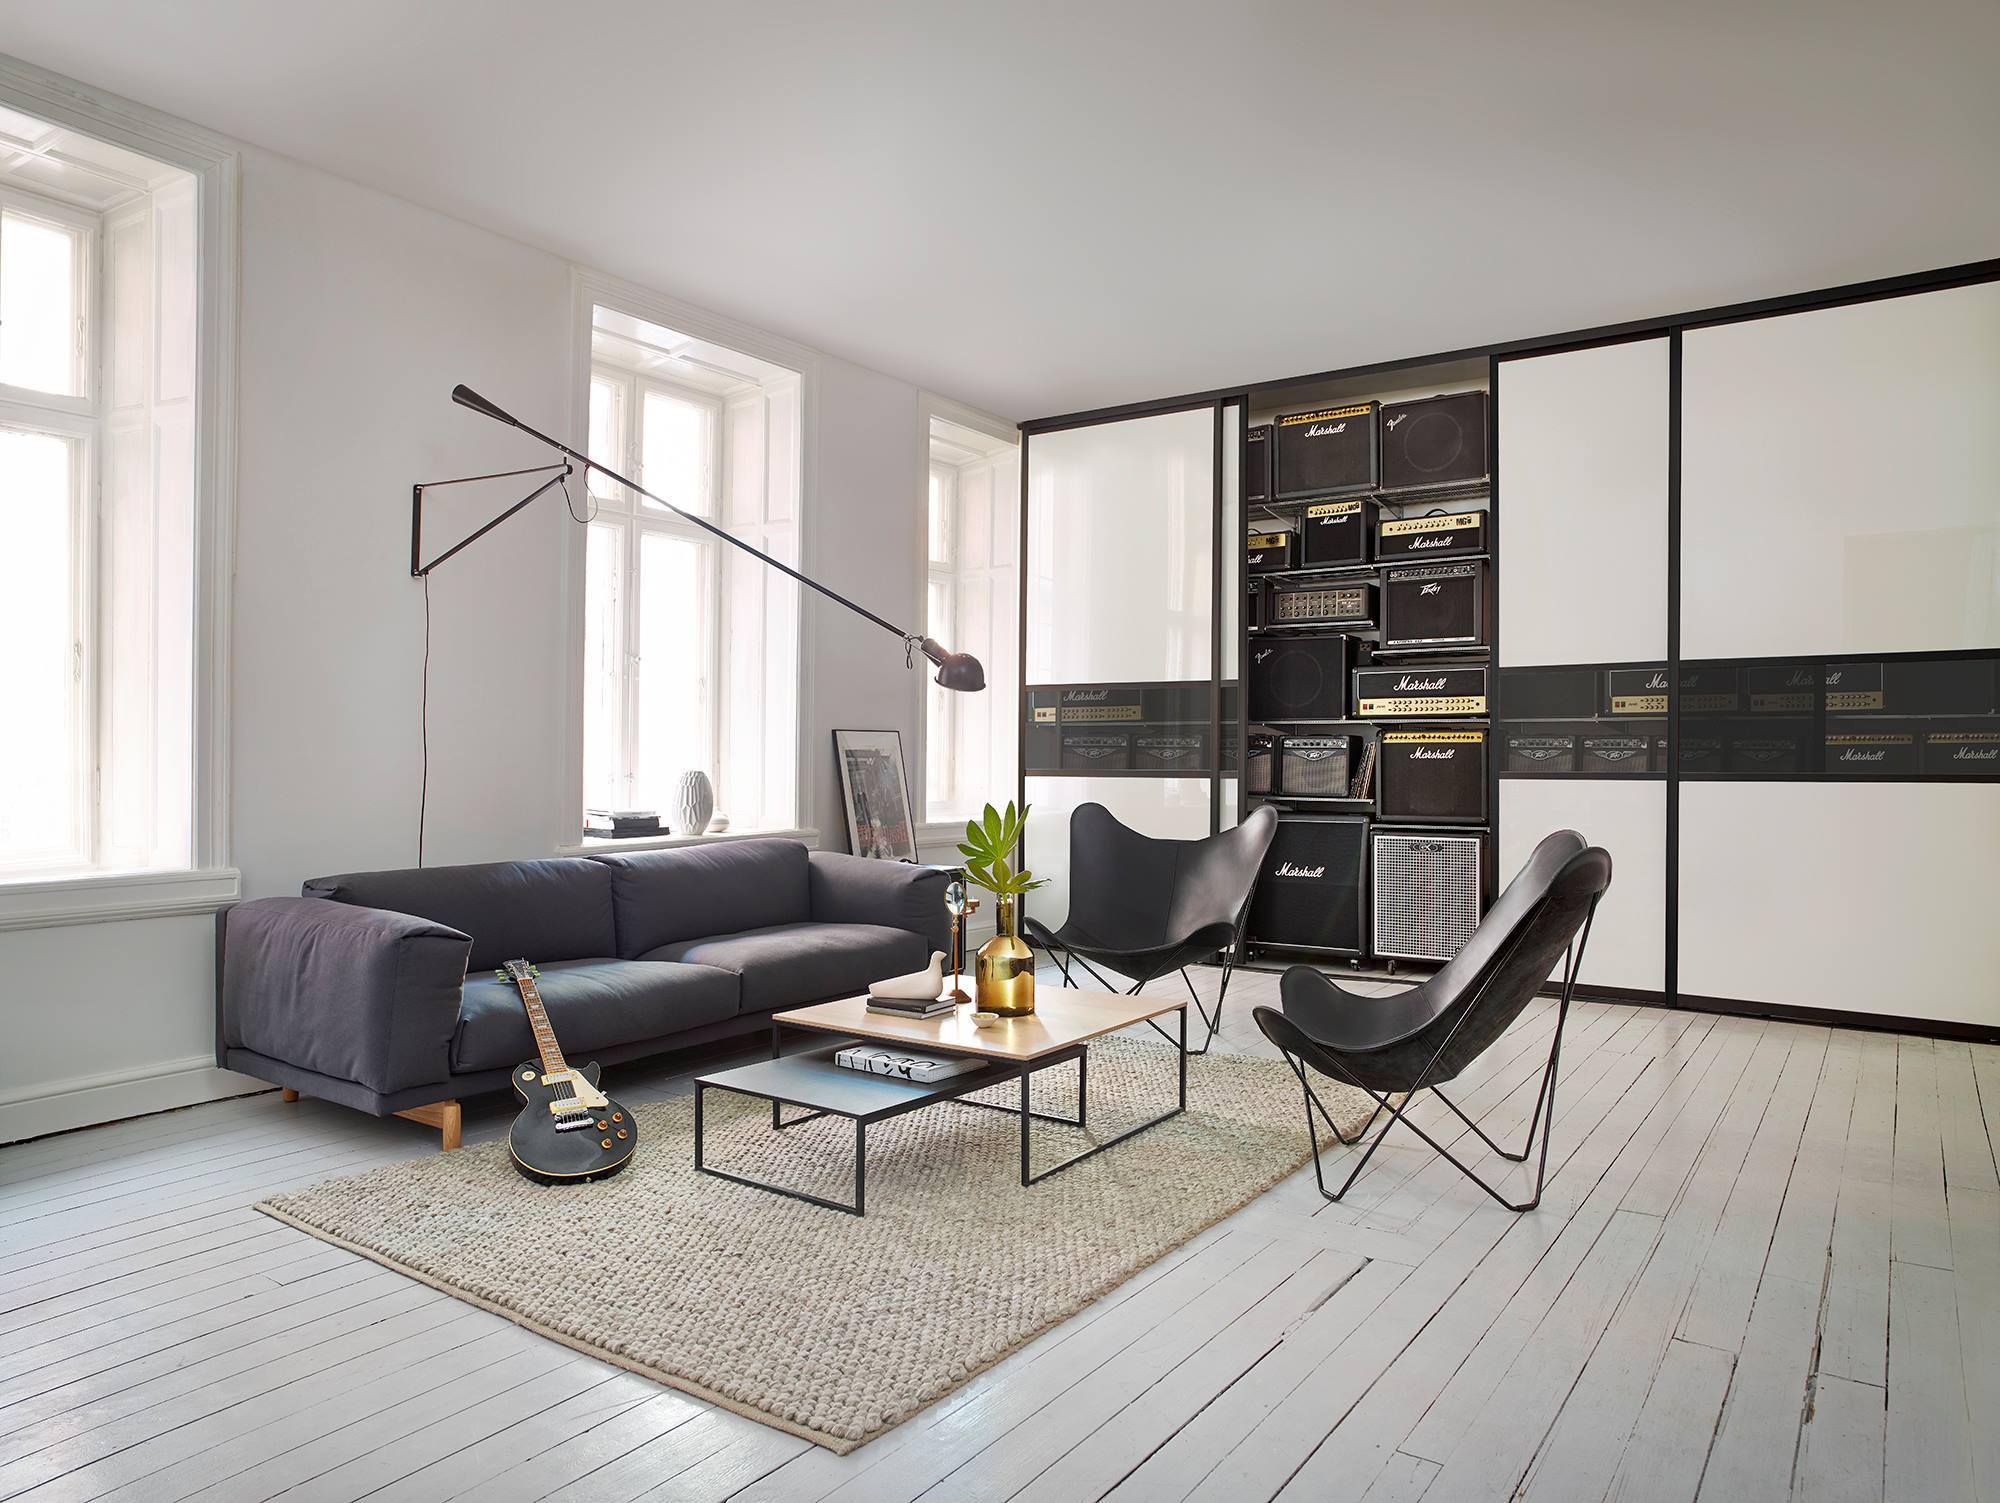 Einbauschrank Wohnzimmer Zimmergestaltung C Elfa Lum